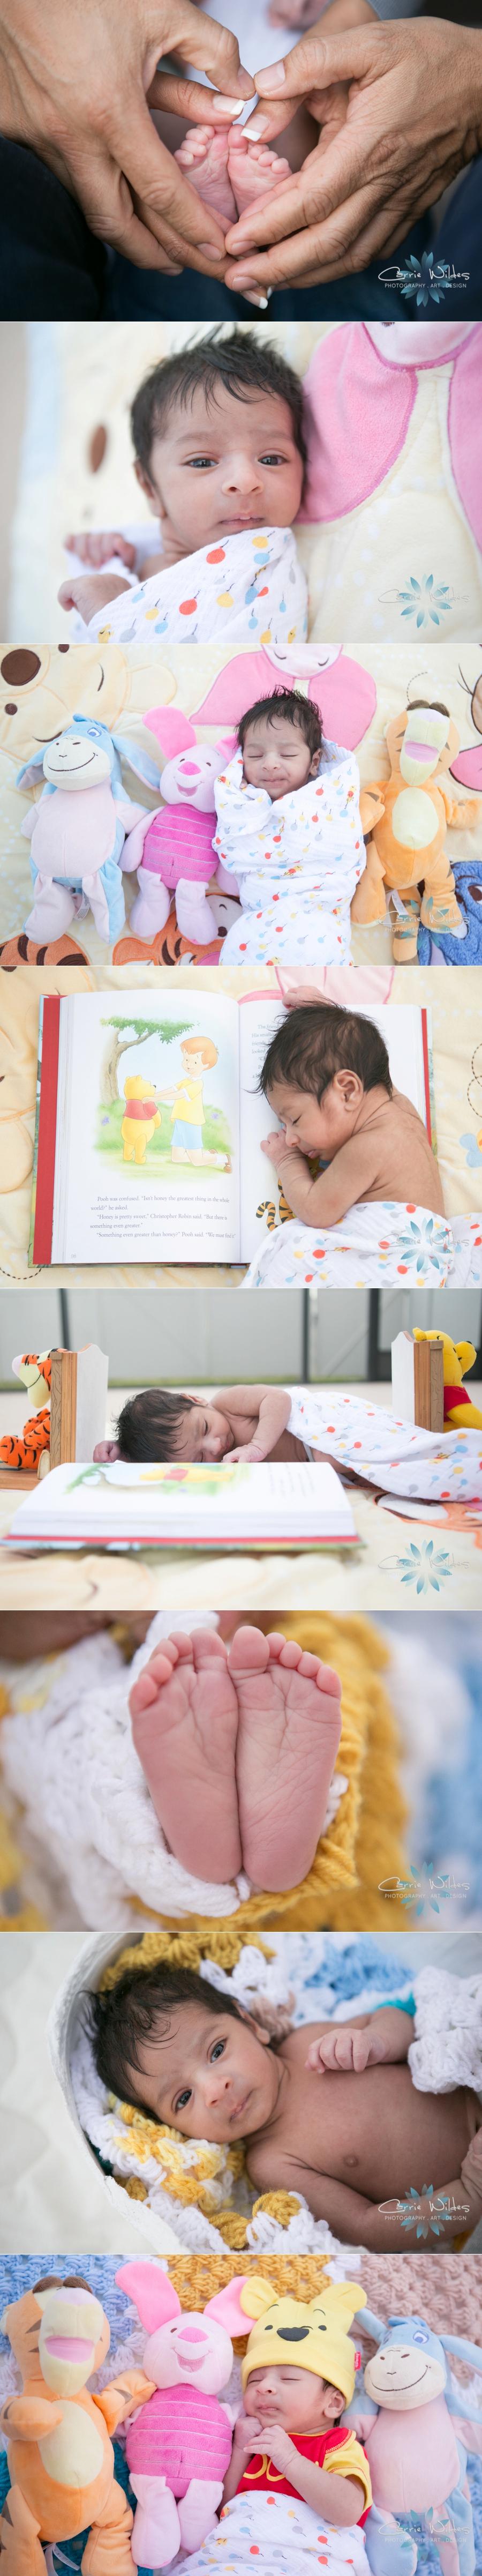 2_9_18 Krish Newborn Session_0006.jpg